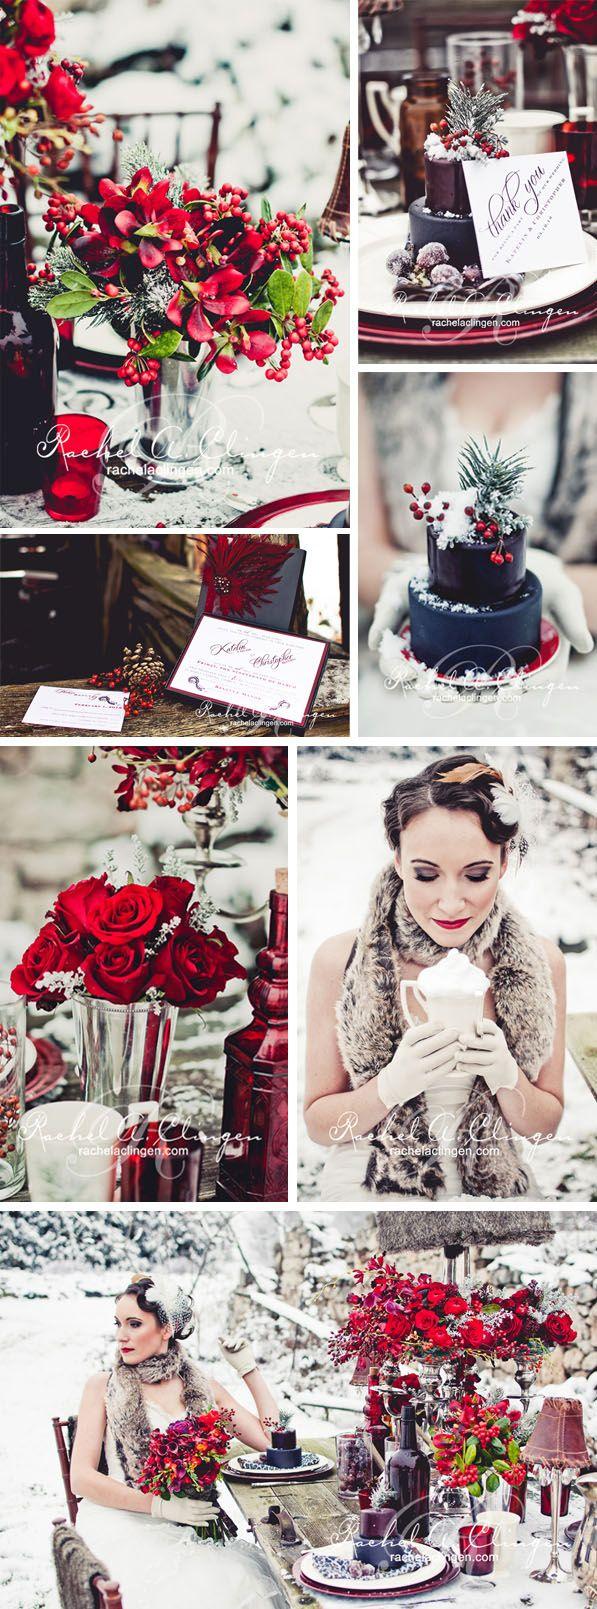 Winter Wedding Ideas by Rachel Clingen - via Strictly Weddings.